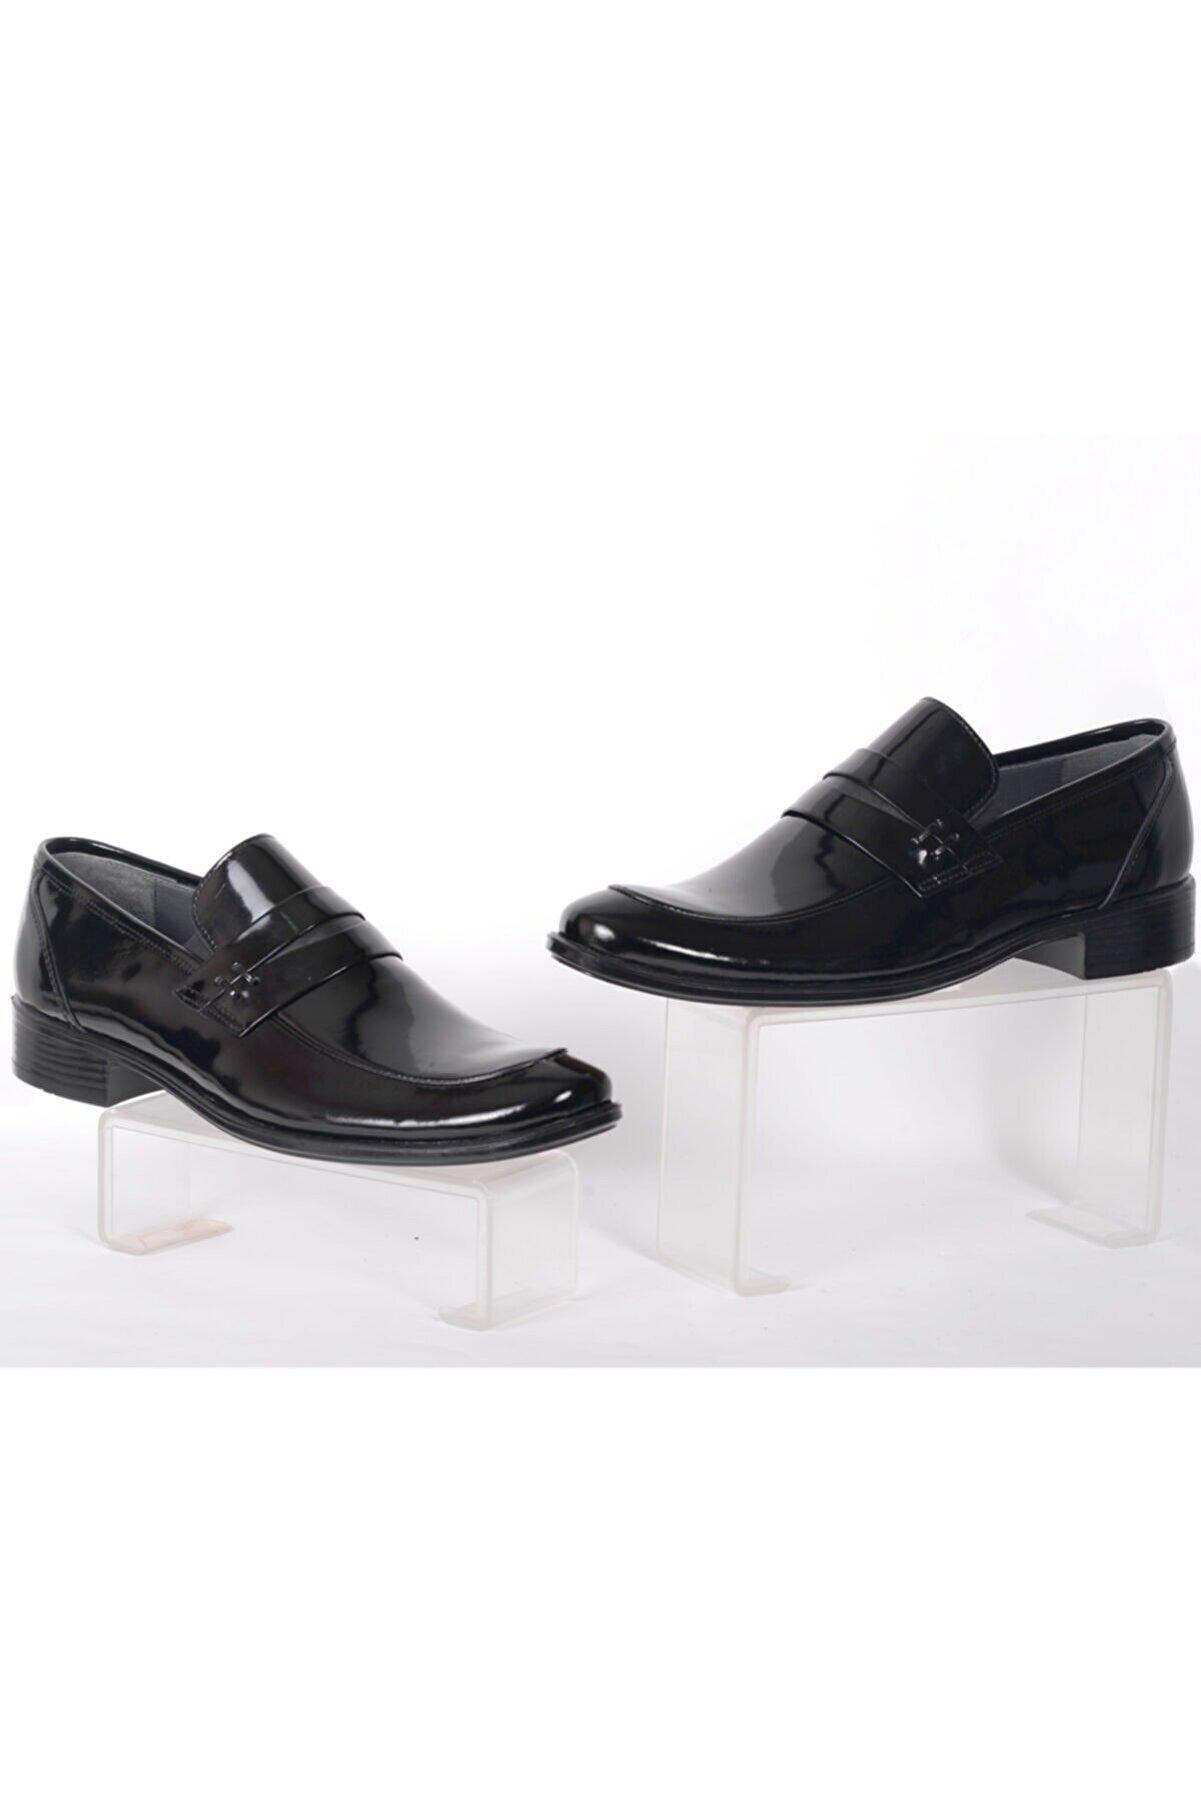 Çarık Dünyası06 Siyah ayakkabı